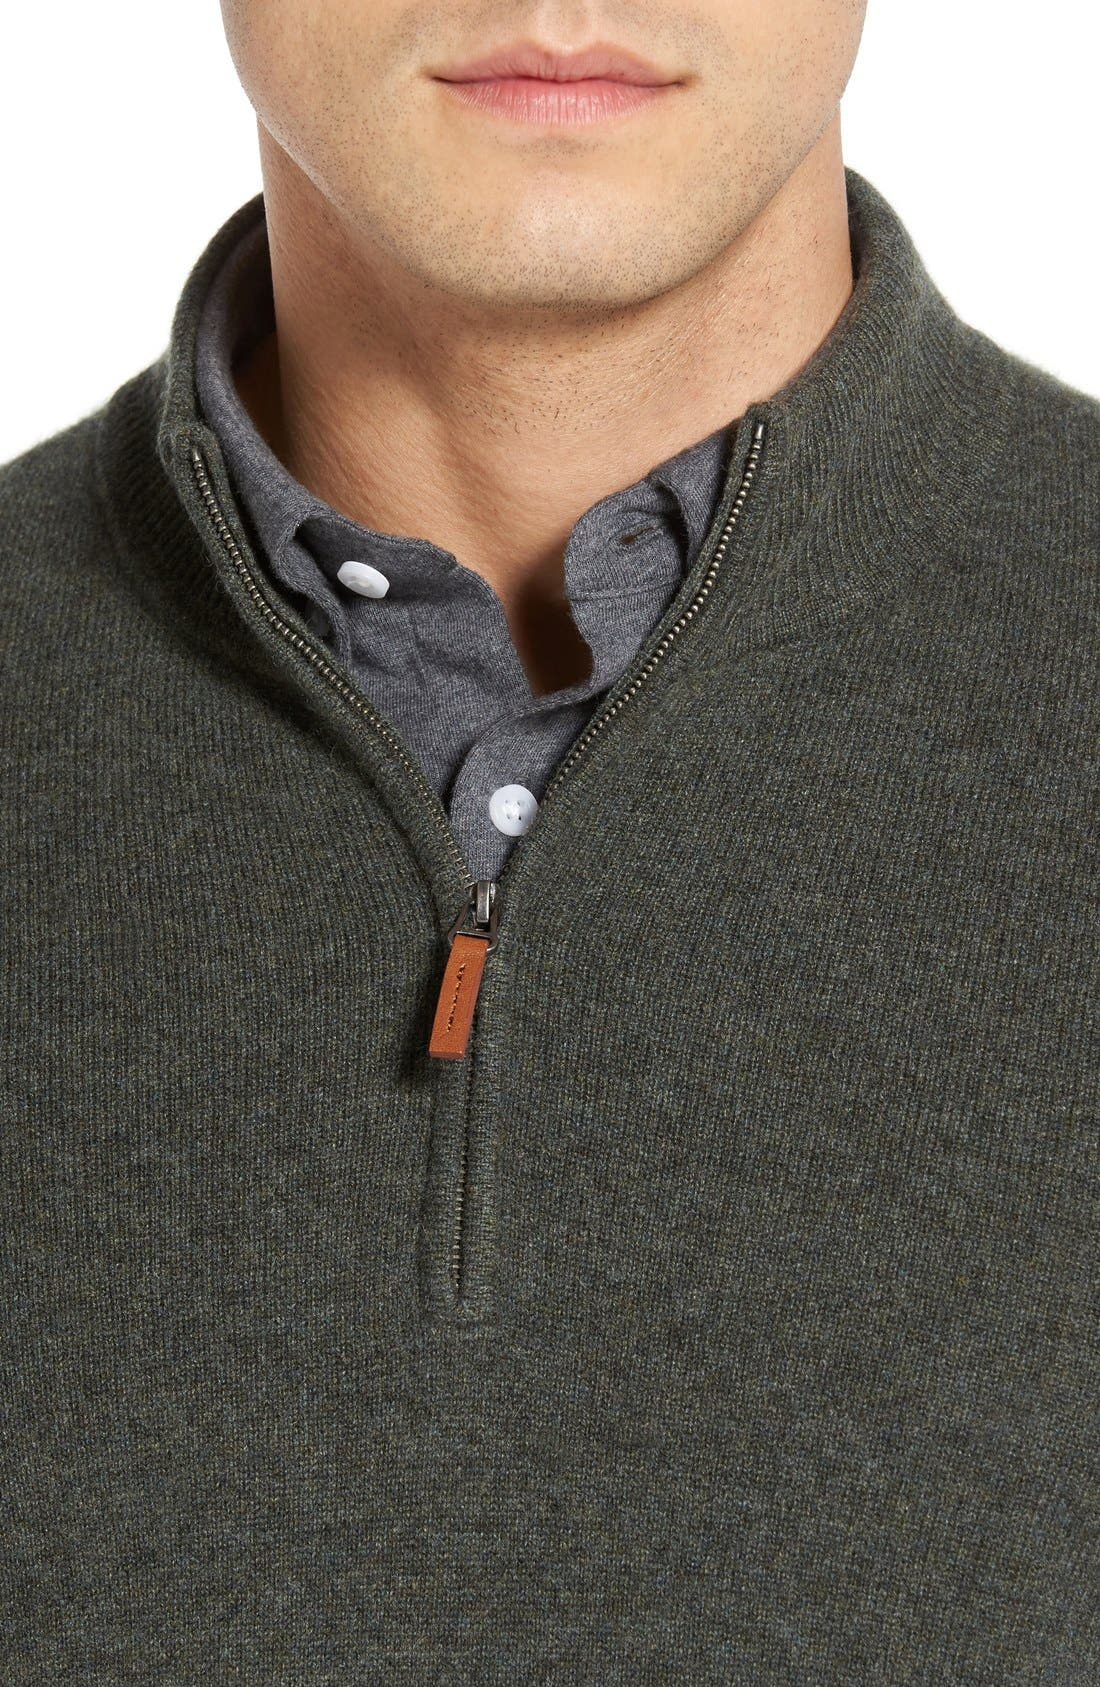 Cashmere Quarter Zip Sweater,                             Alternate thumbnail 16, color,